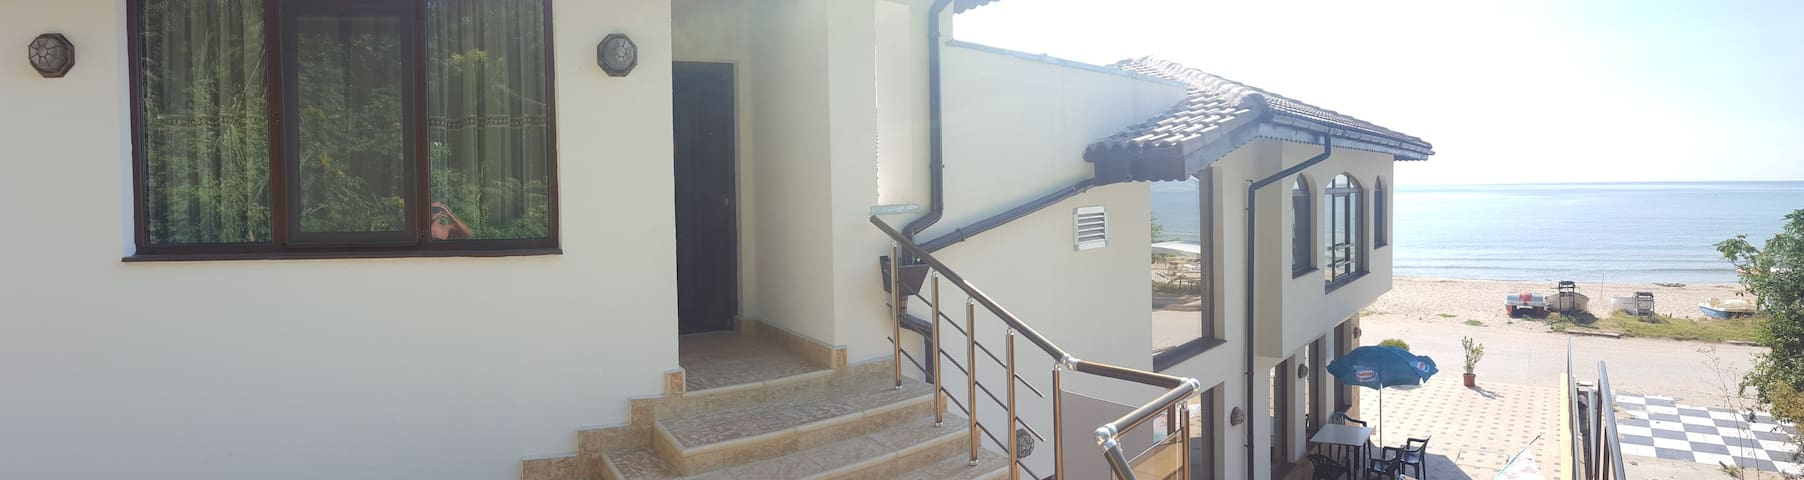 Casa de marinero - Albena - Casa